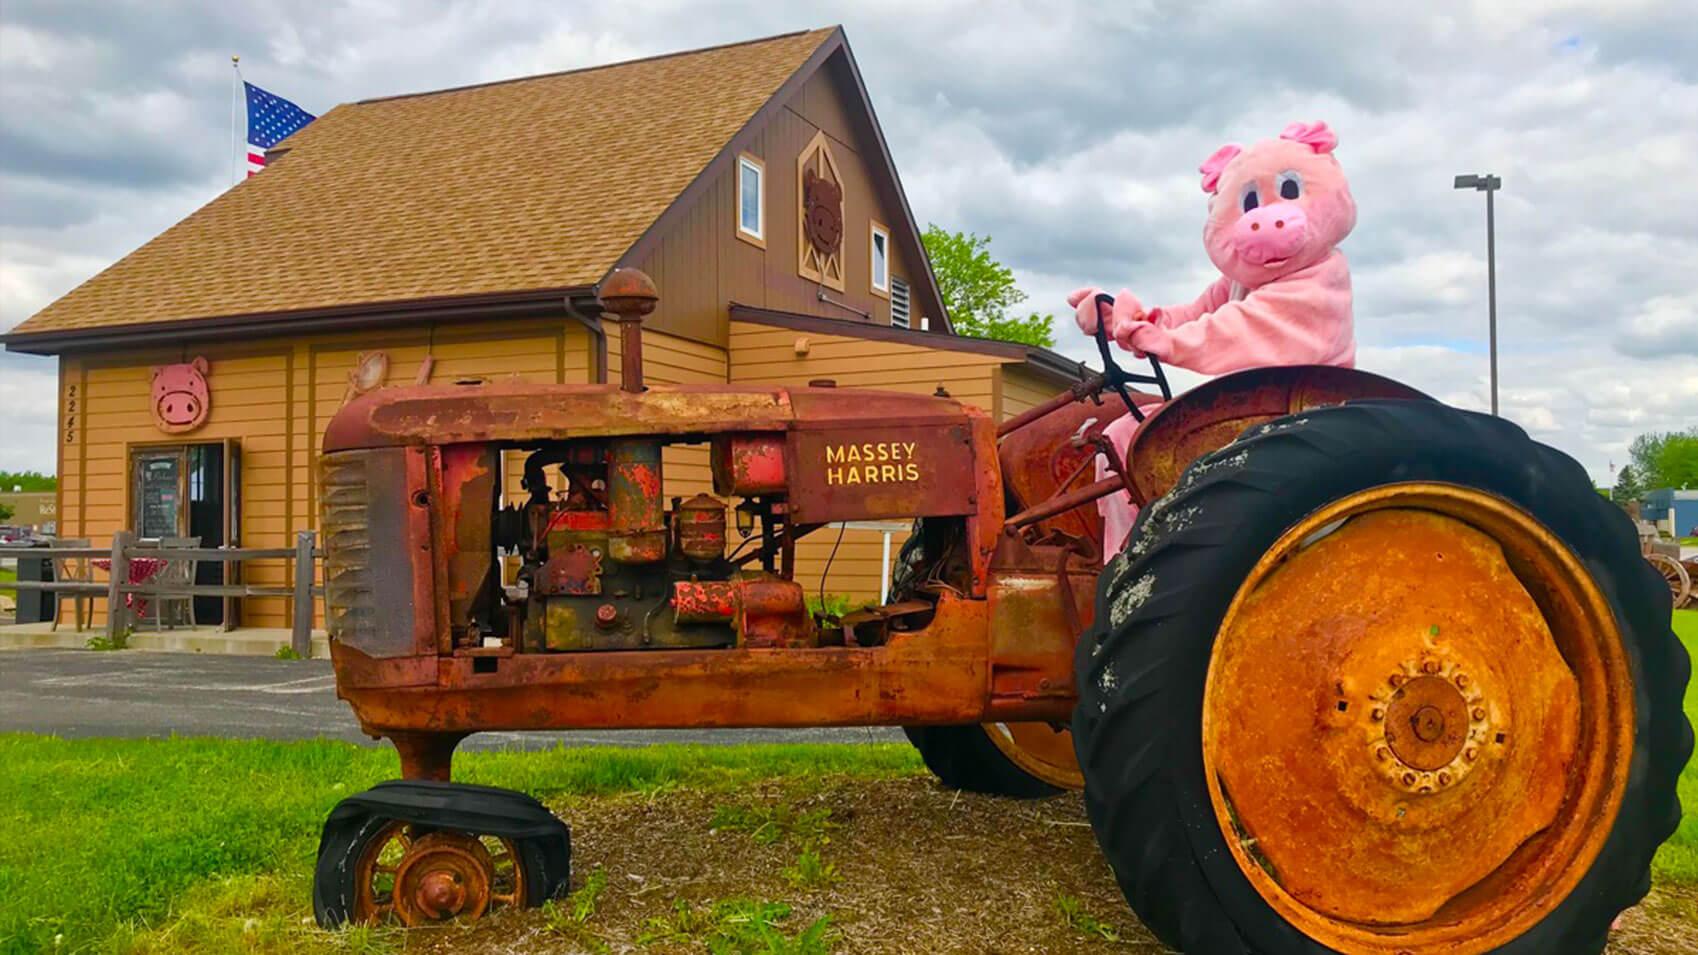 Porkies Pig Roasts and Catering | Cherry Tree Inn B&B, Woodstock, IL